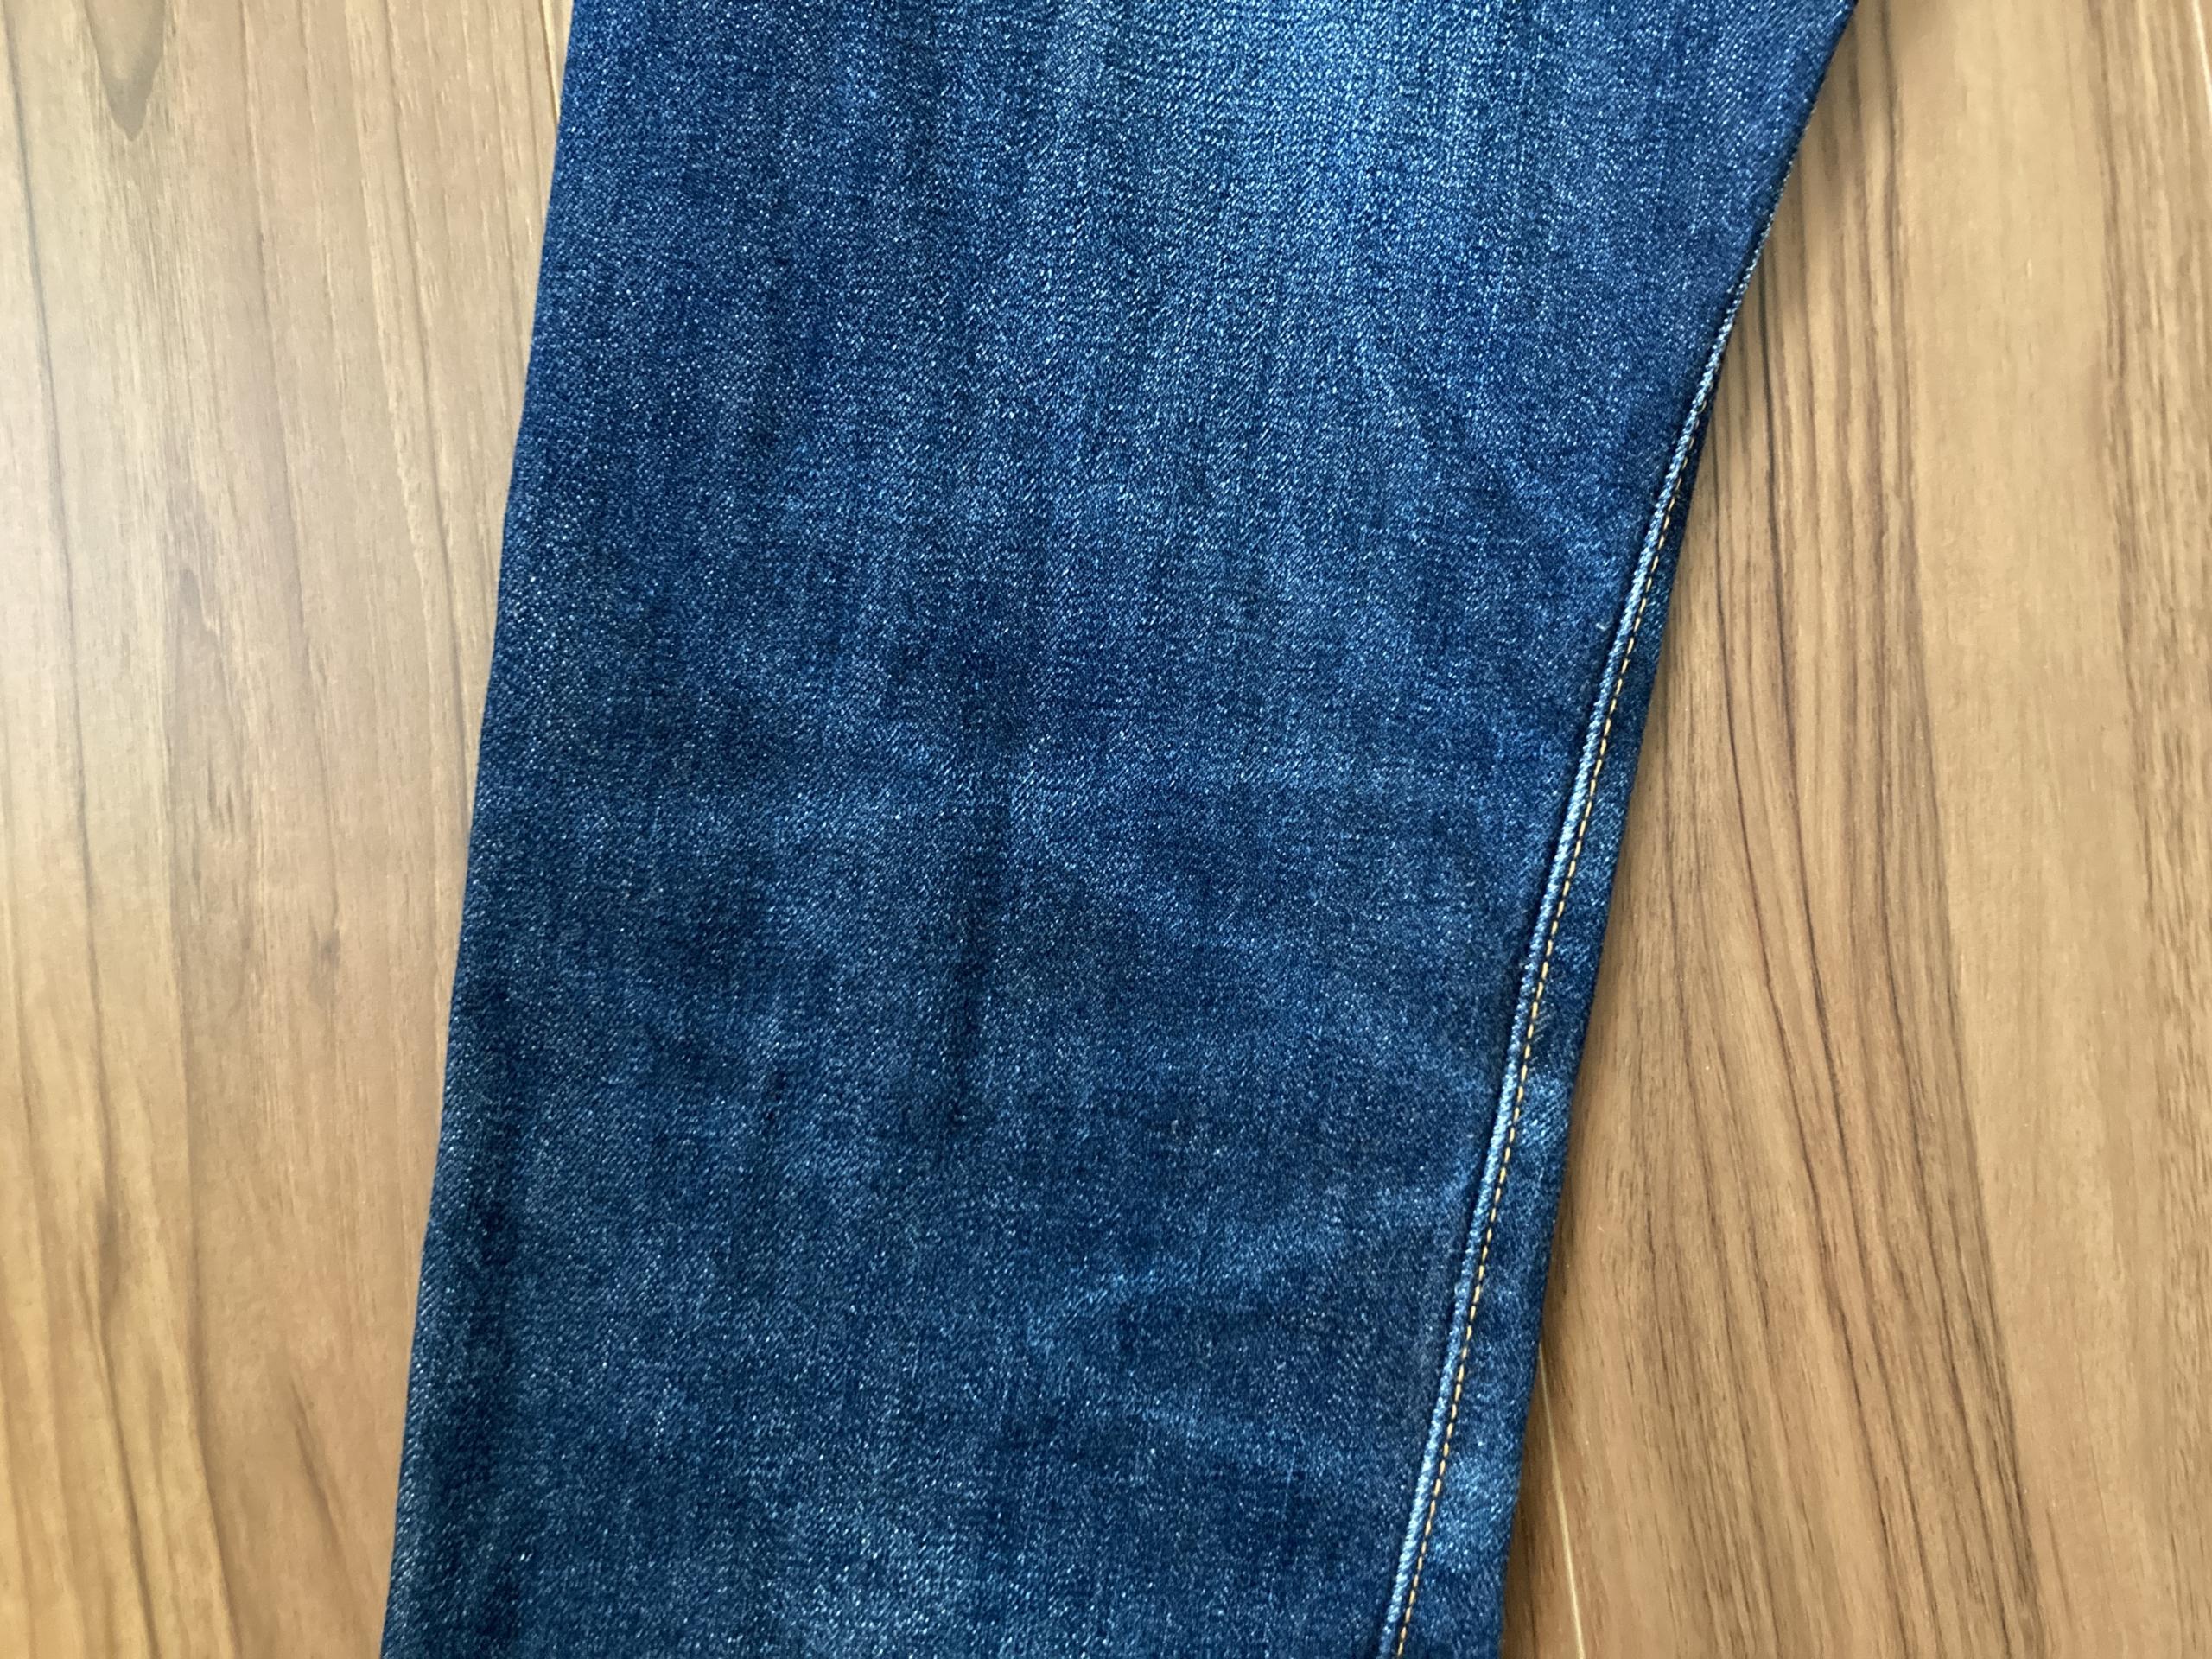 リゾルト 710 Resolute 710 エイジング 経年変化 21回洗濯 ハチノス